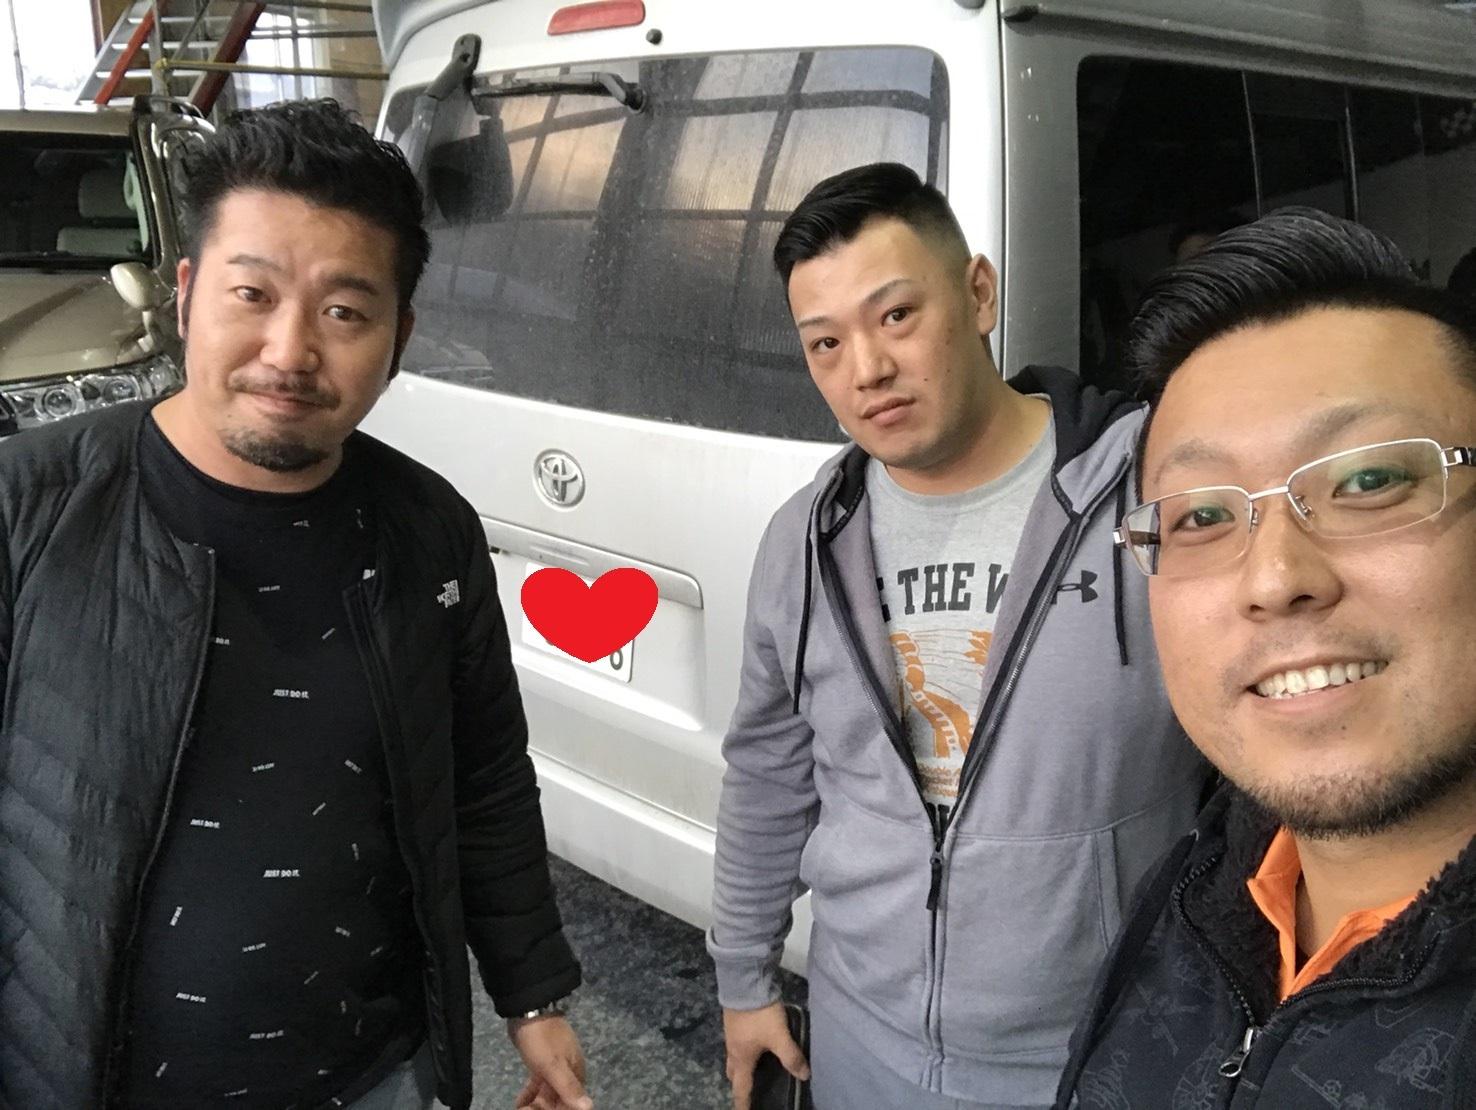 2月26日(月)トミーベース カスタムブログ☆新型QX802台入庫確定☆LS460後期AWD LS600hLエグゼクティブPKGもご紹介していきます☆_b0127002_11553608.jpg